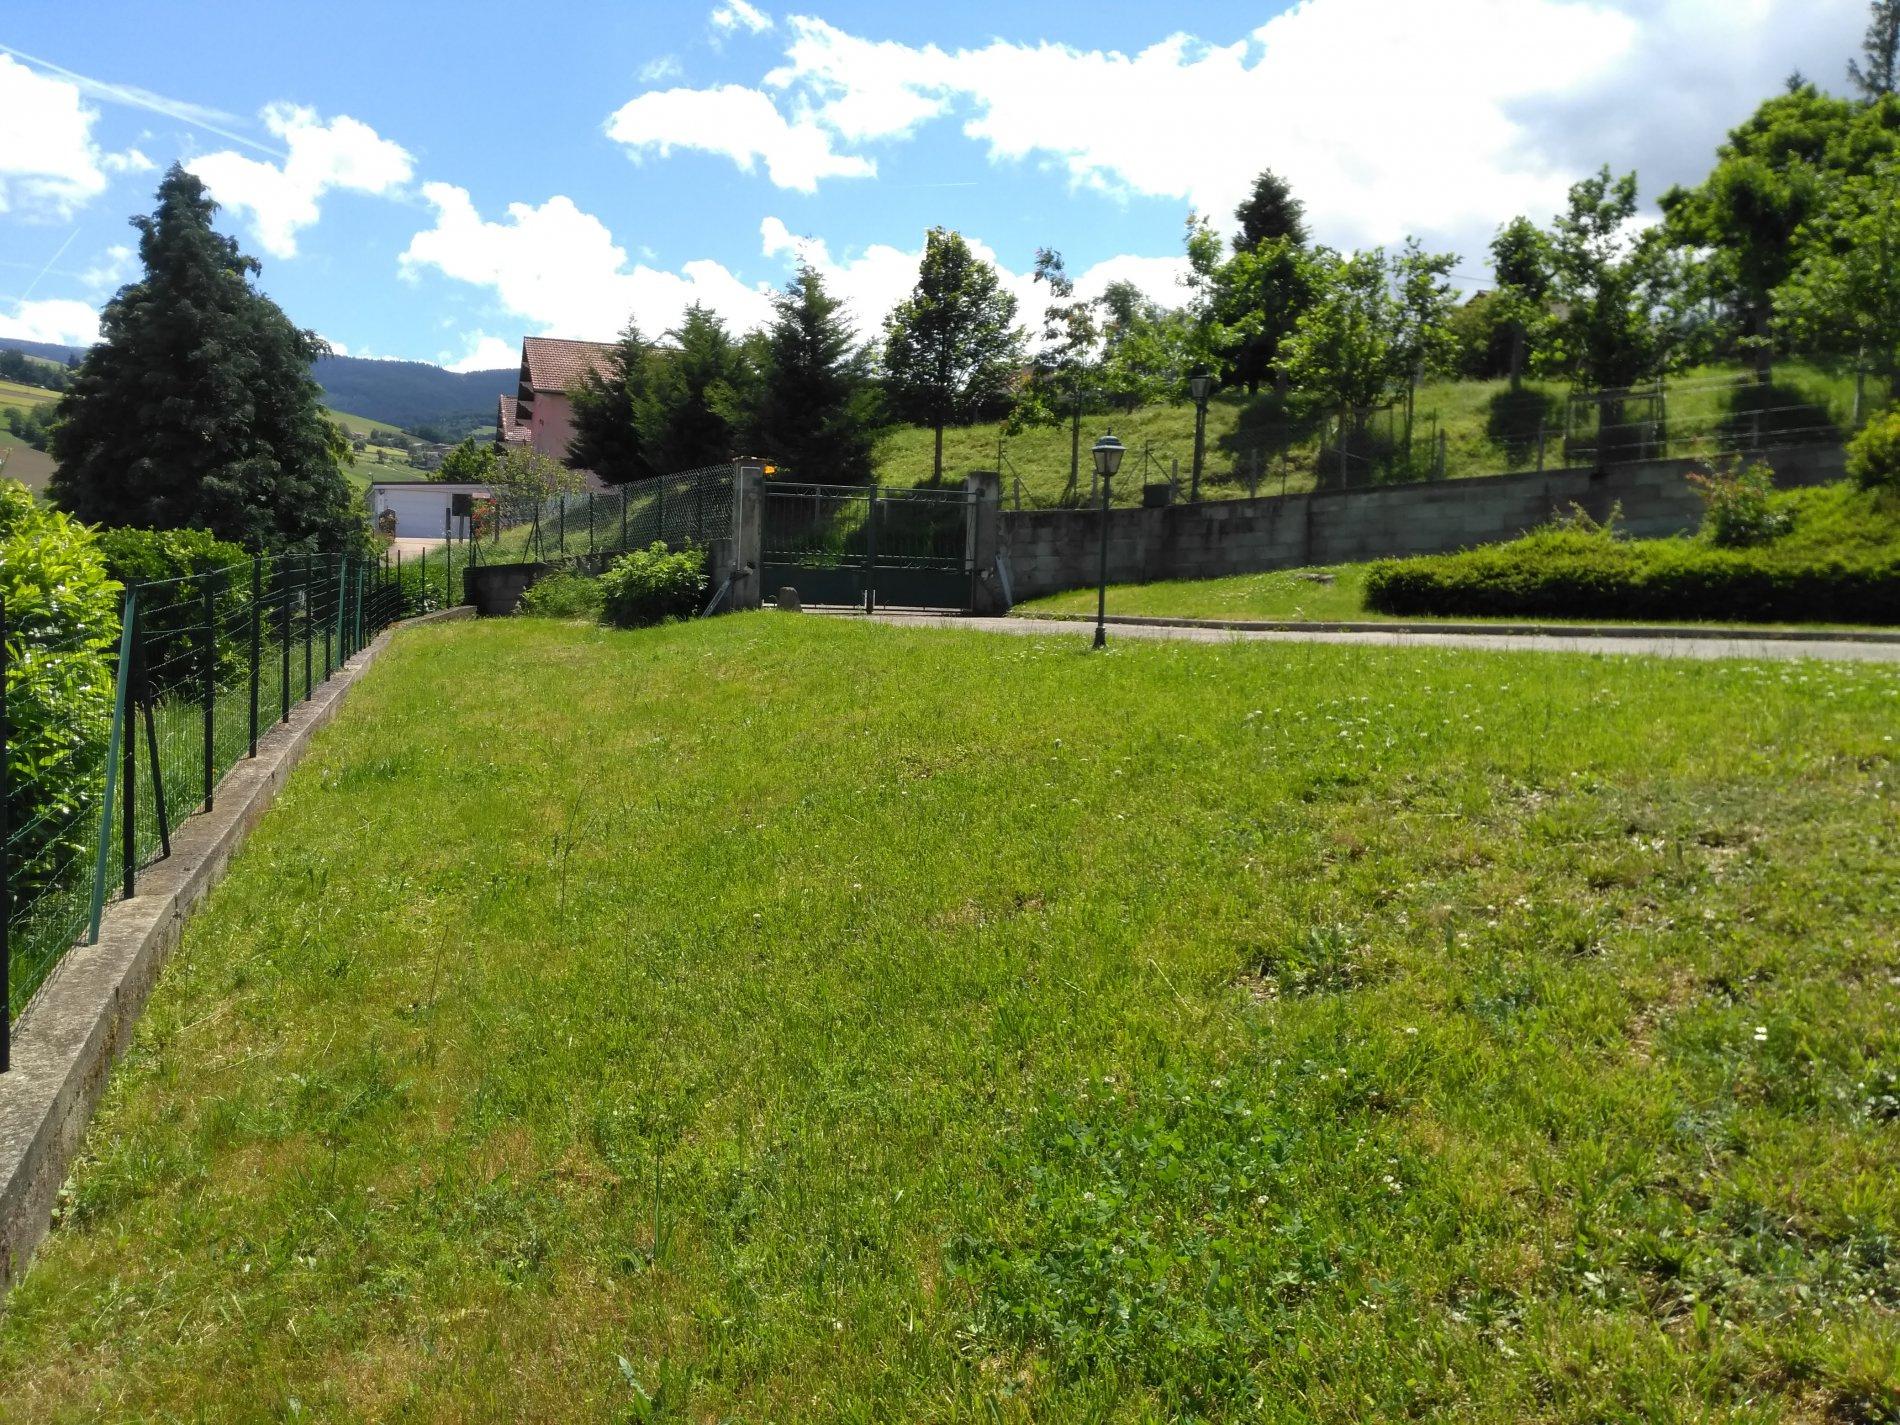 Vente maison de 127 m sur sous sol et terrain for Agrandissement maison sur terrain non constructible